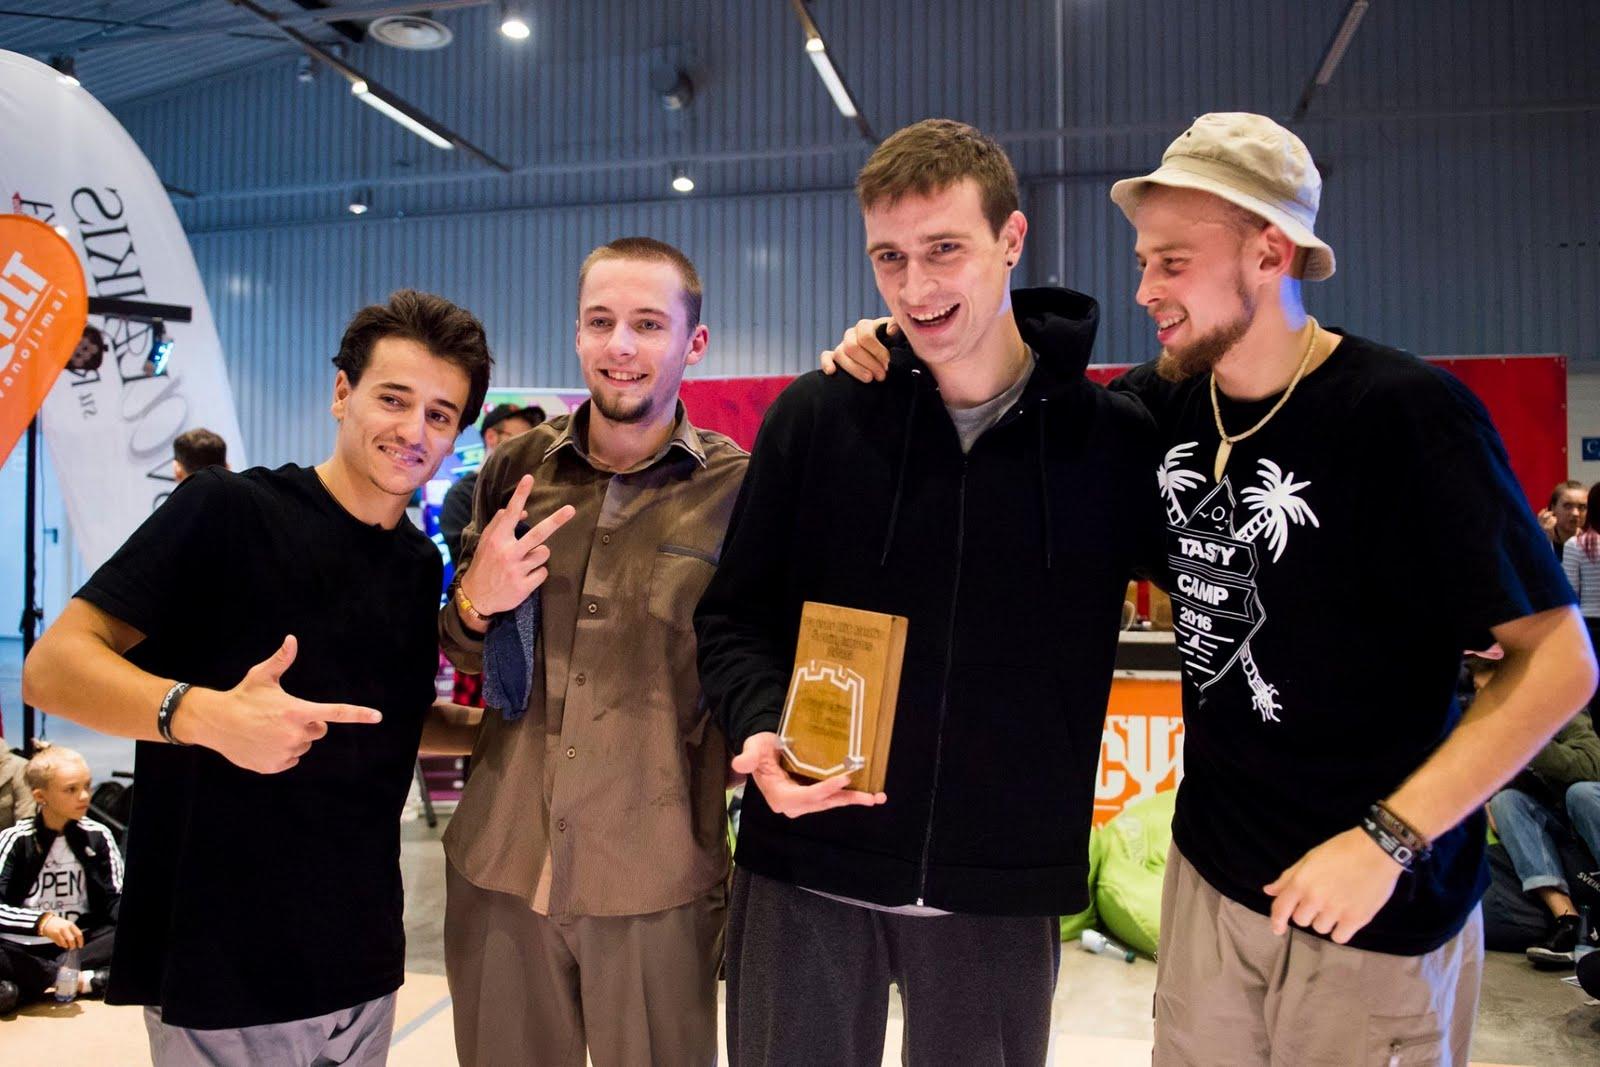 PHR Dance battles Vilniaus festivalis - 101.jpg